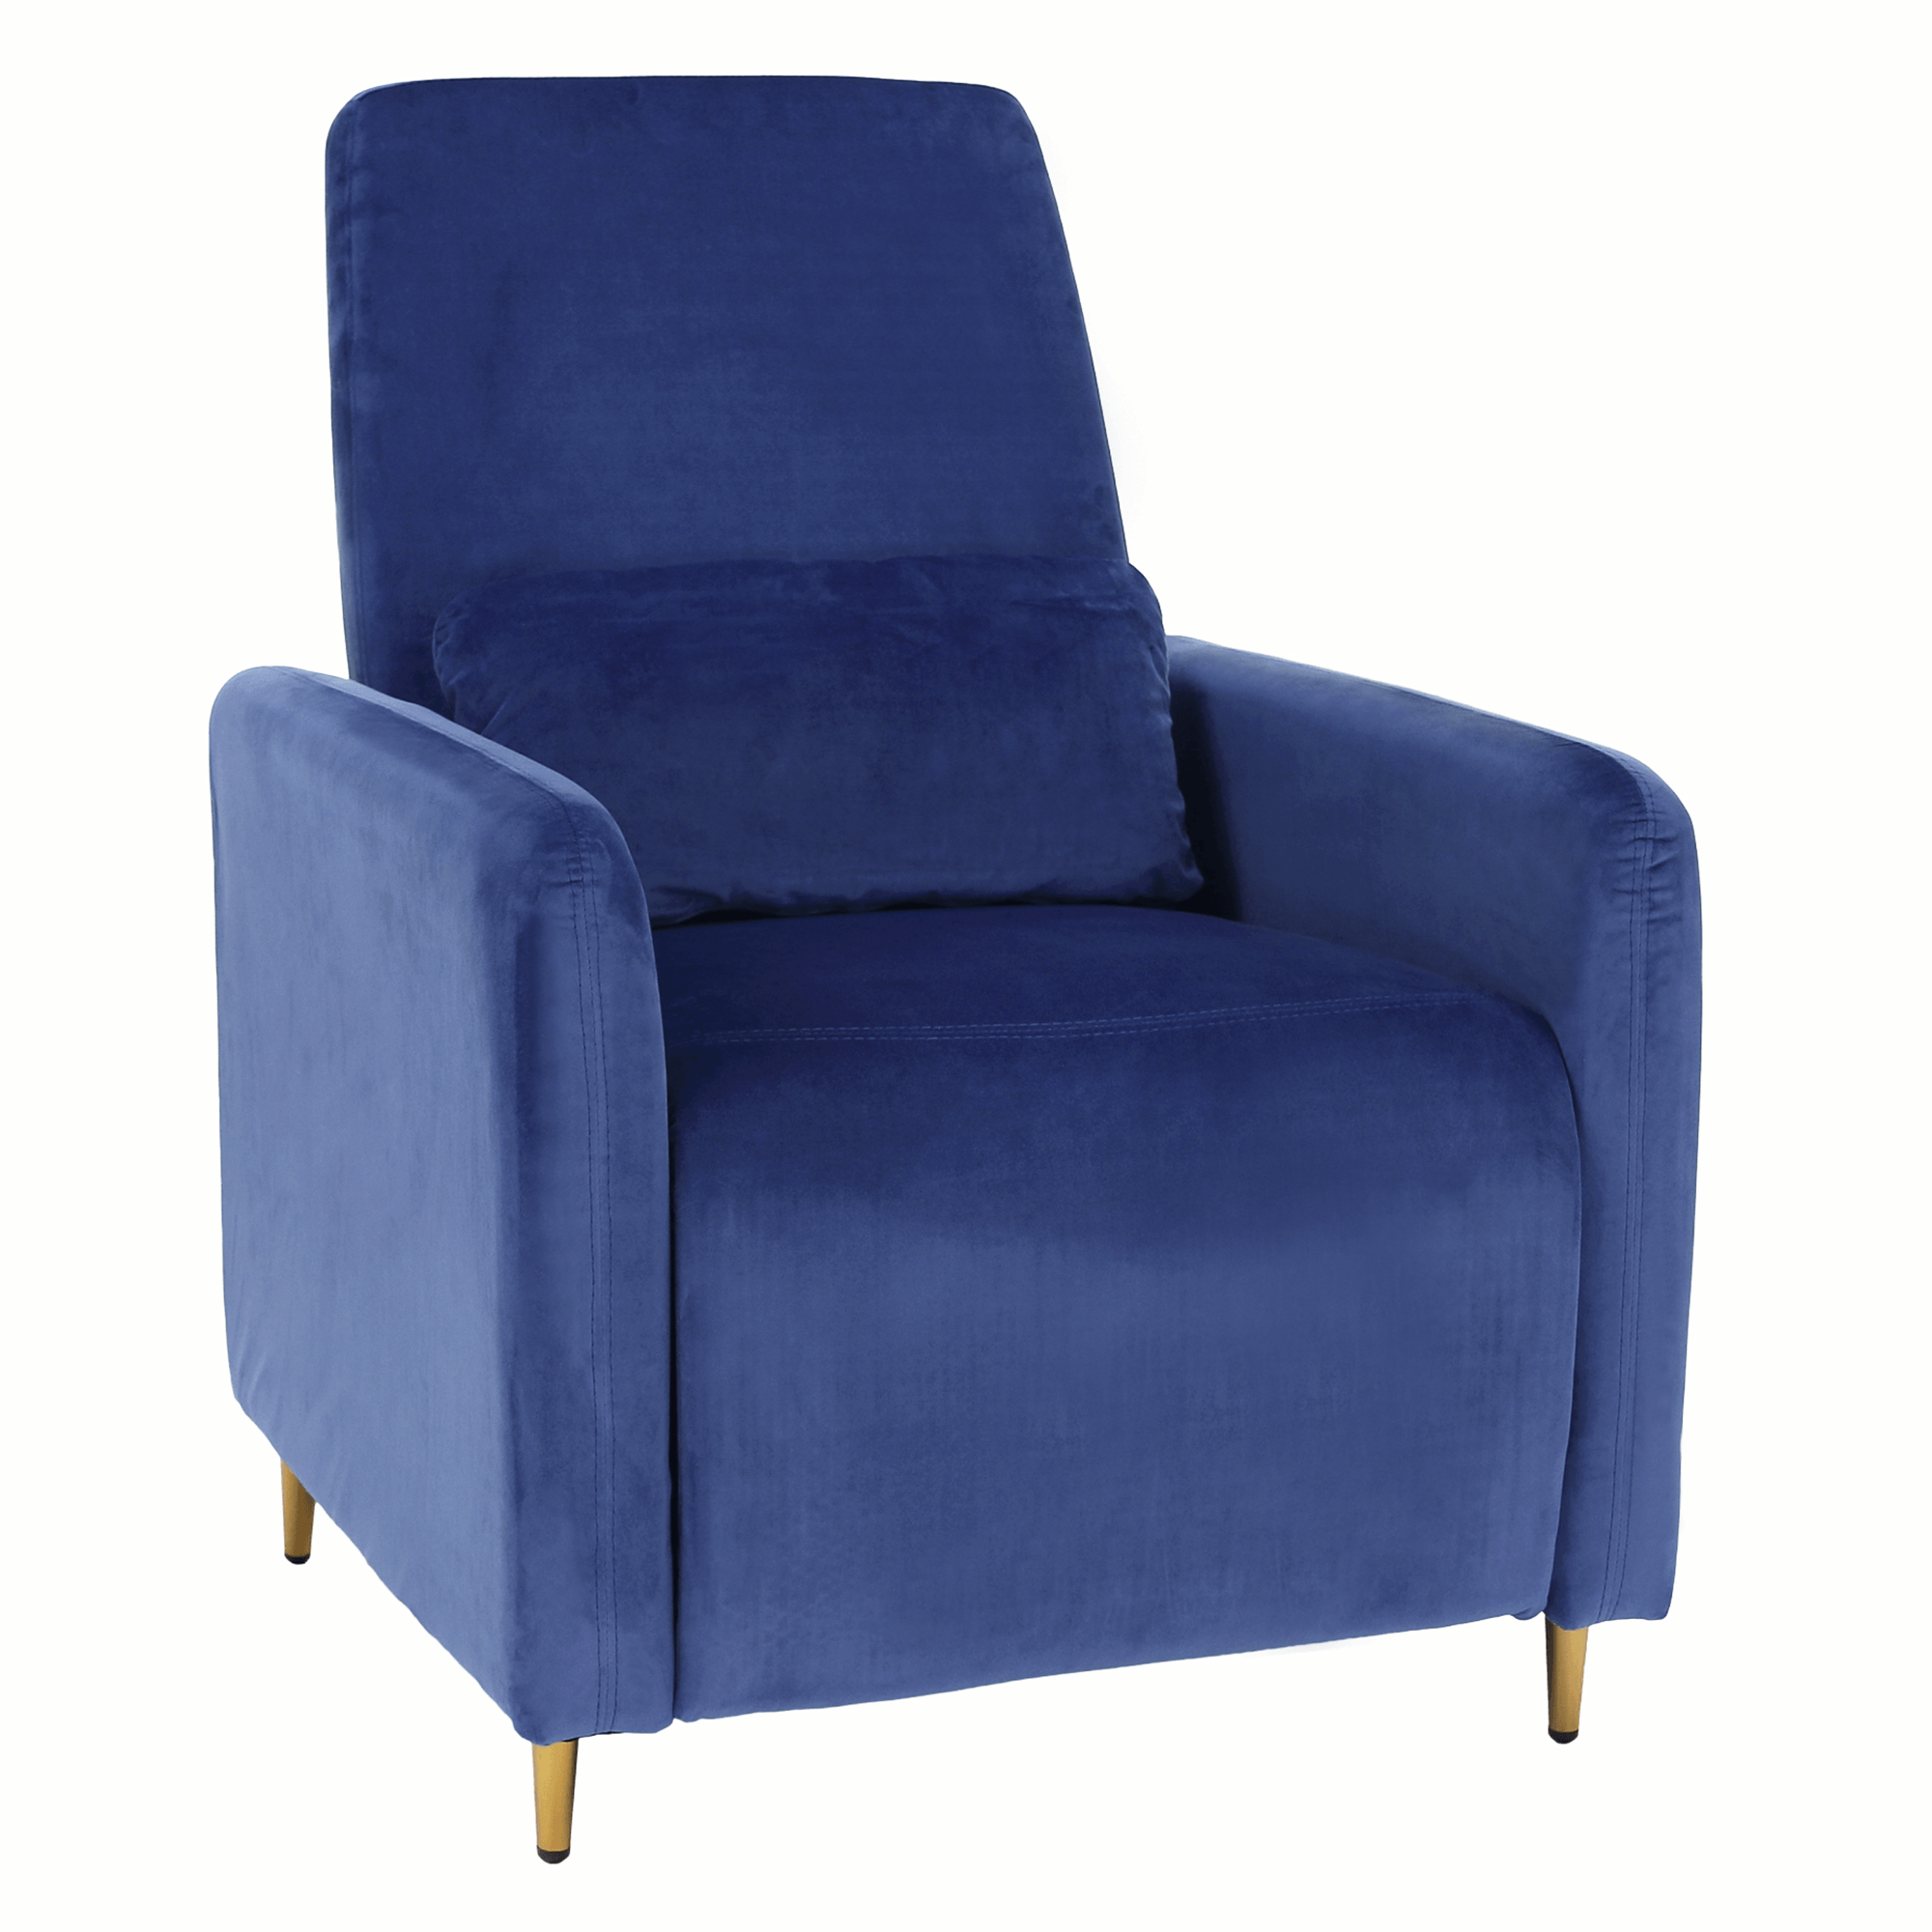 Relaxačné polohovacie kreslo, modrá Velvet látka, NAURO